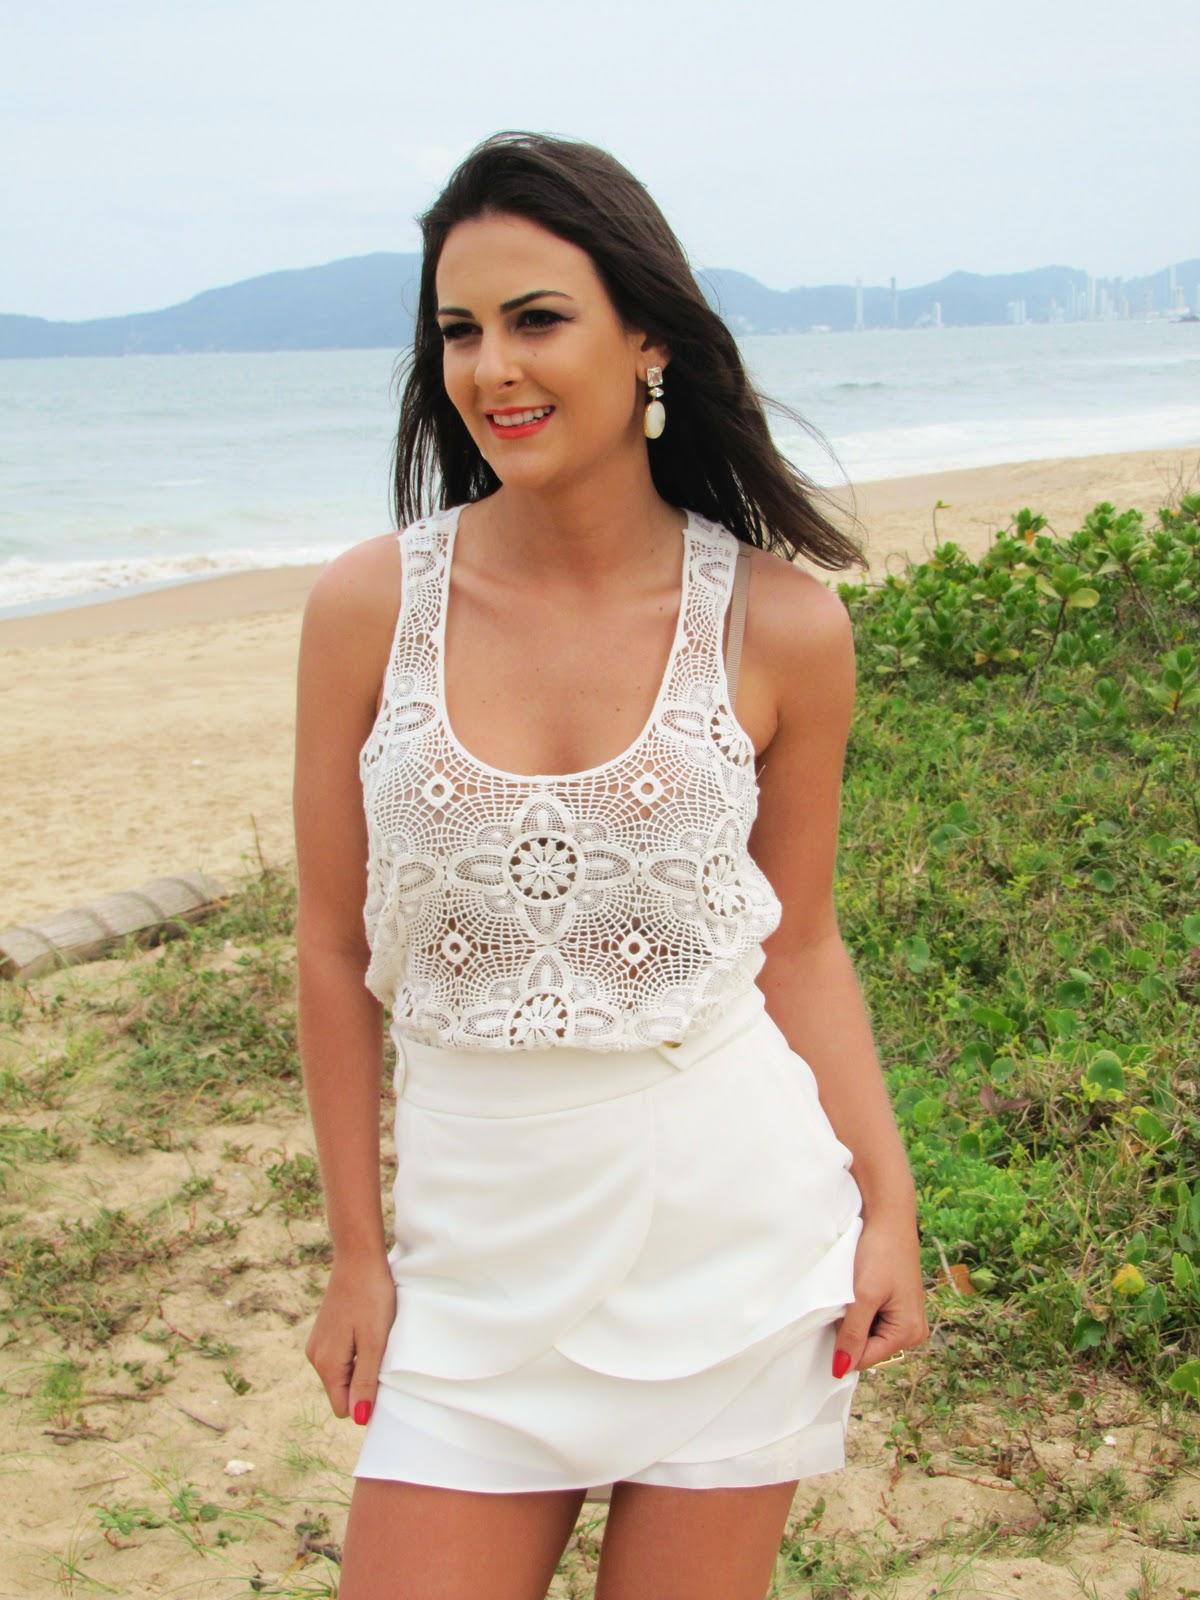 blusa de renda Blusas de Renda Moda 2012: Lindos Modelos, Dicas de Como Usar e Fotos